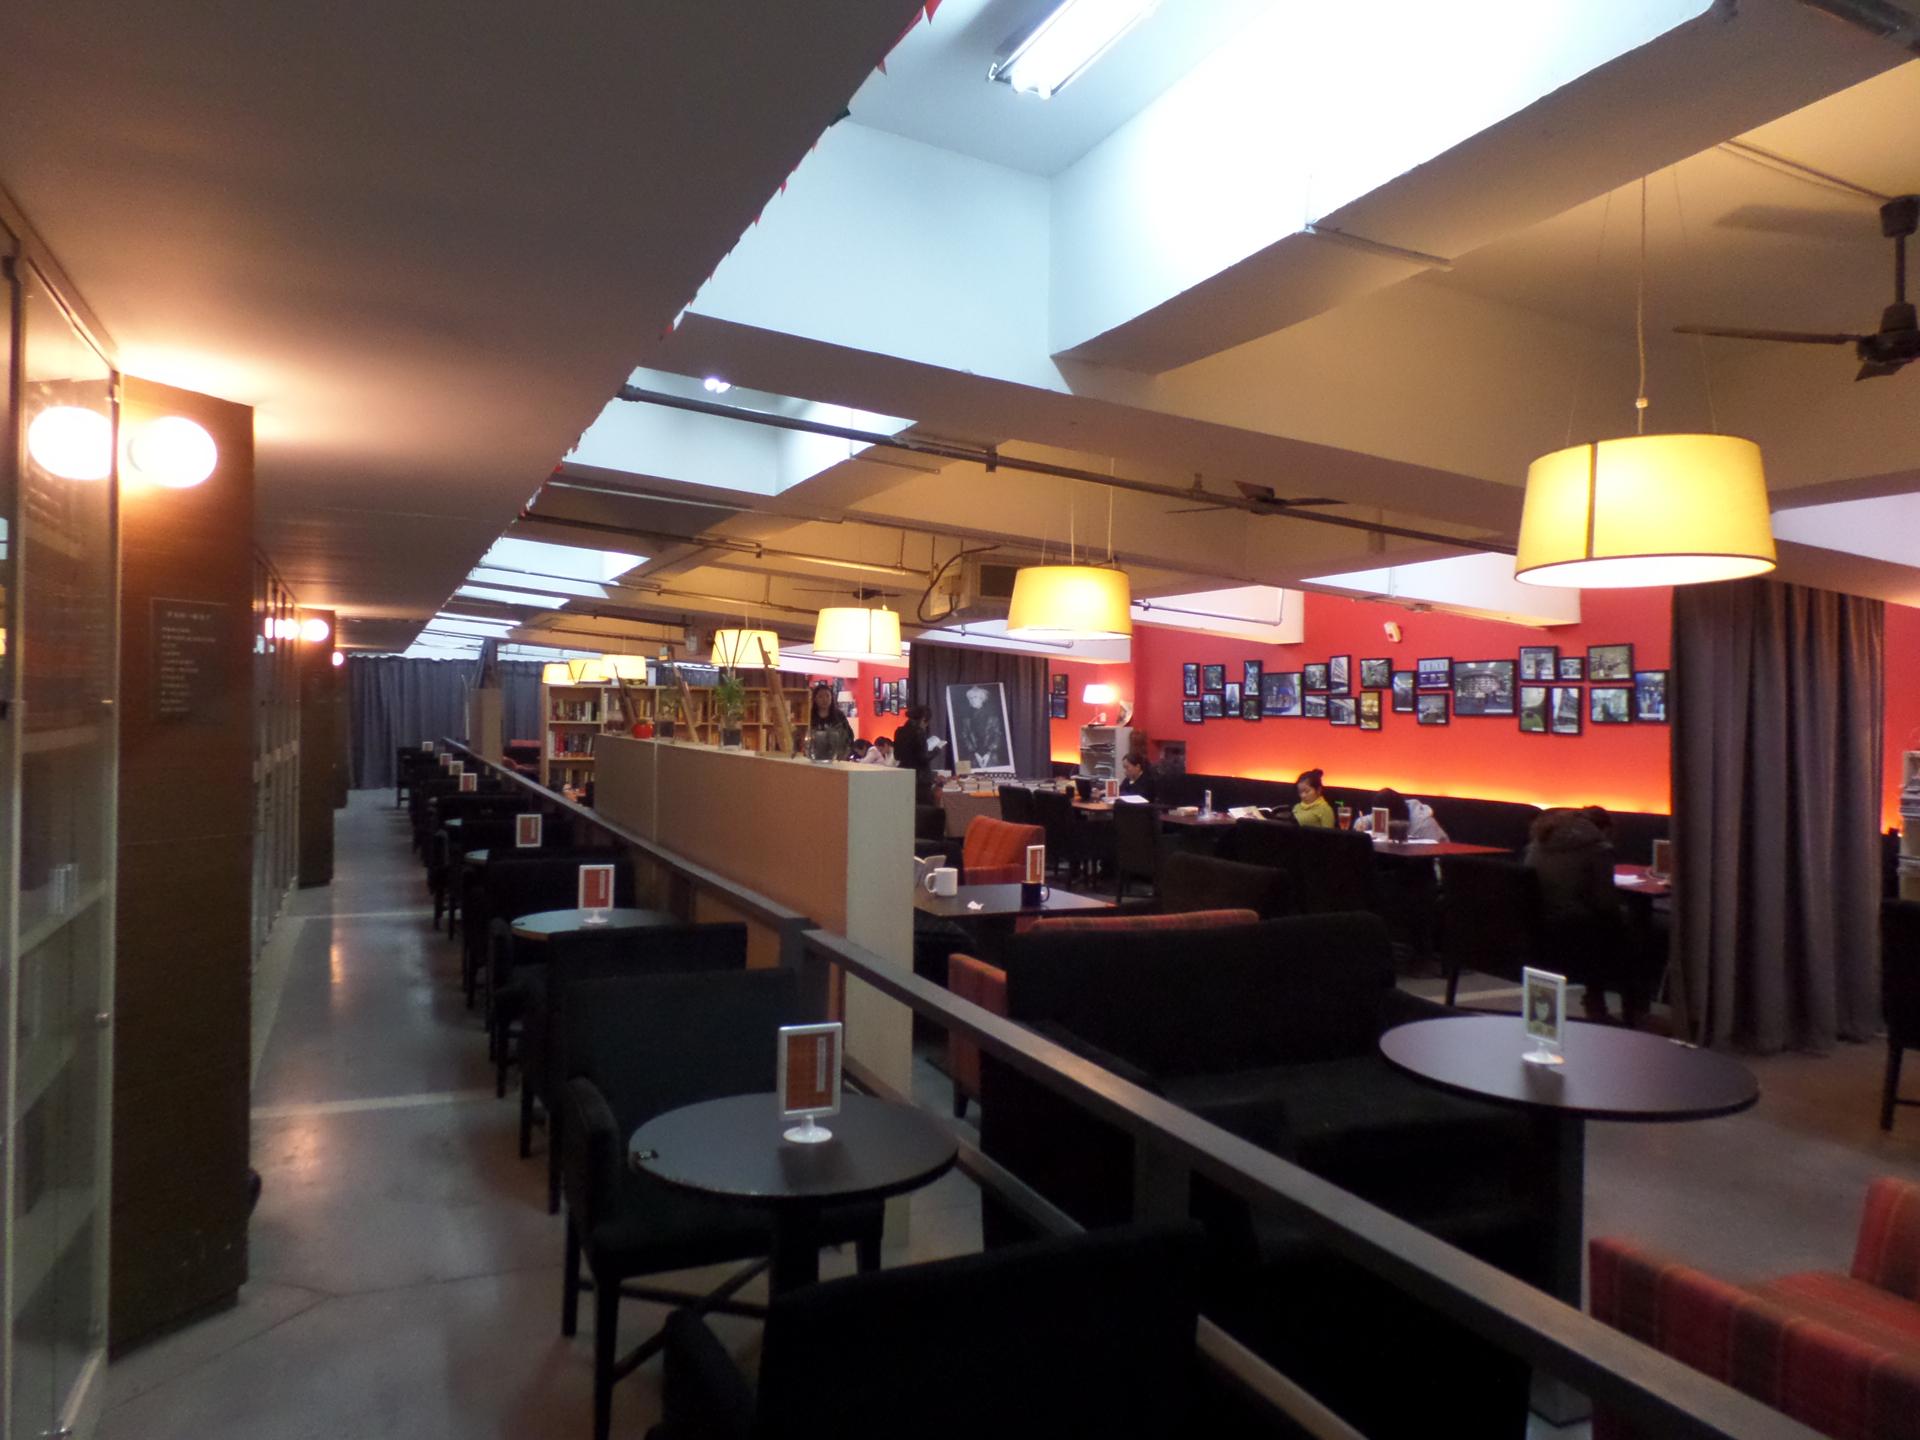 librairie avant-garde - Cafe Mit Buchladen Innendesign Bilder